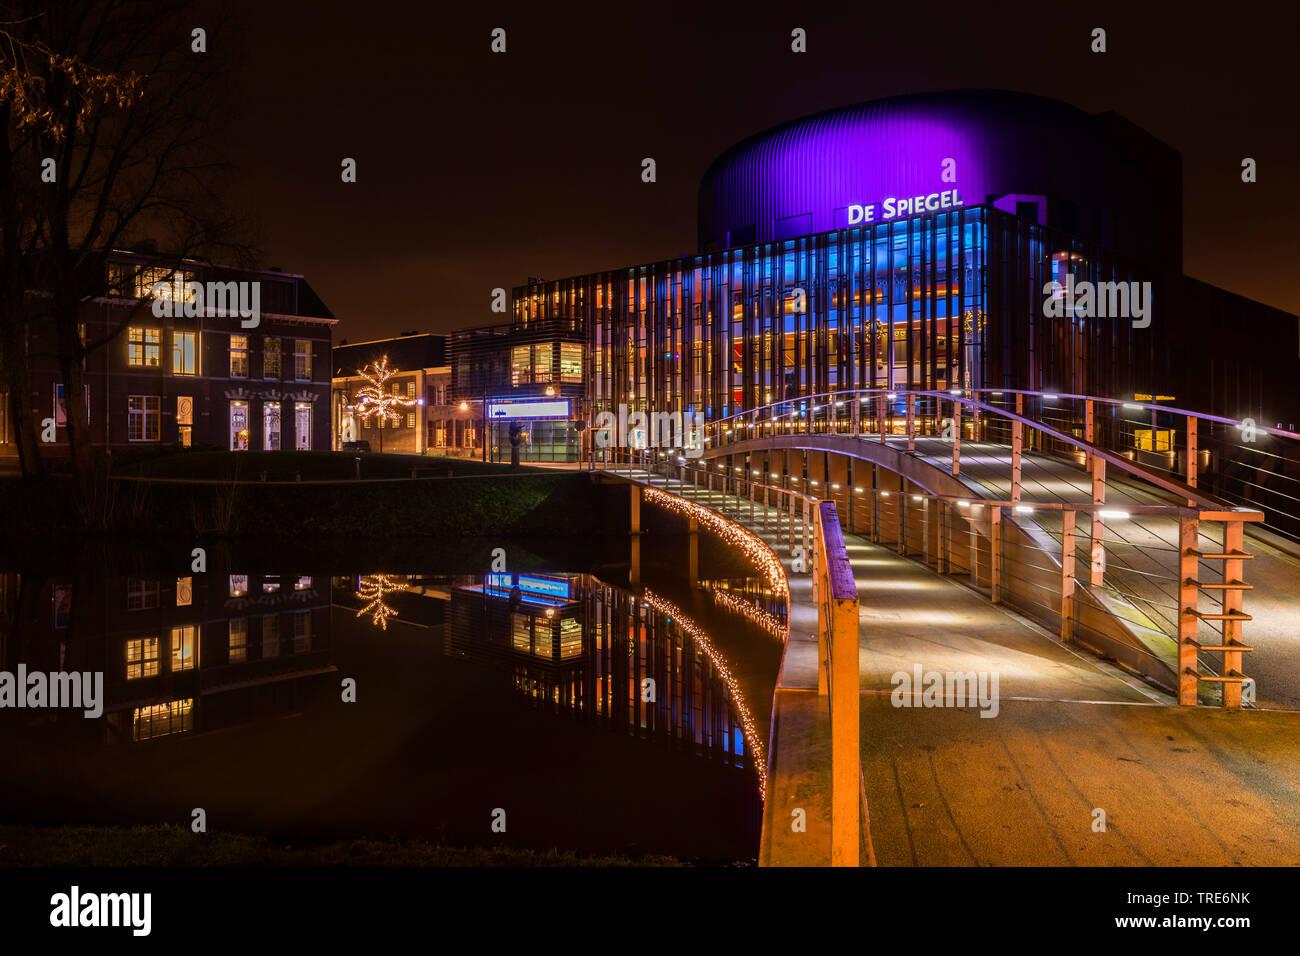 Nachtaufnahme von Zwolle mit dem De Soiegel- Theater, Niederlande, Overijssel, Zwolle | Cityscape Zwolle by night with theatre De Spiegel, Netherlands - Stock Image